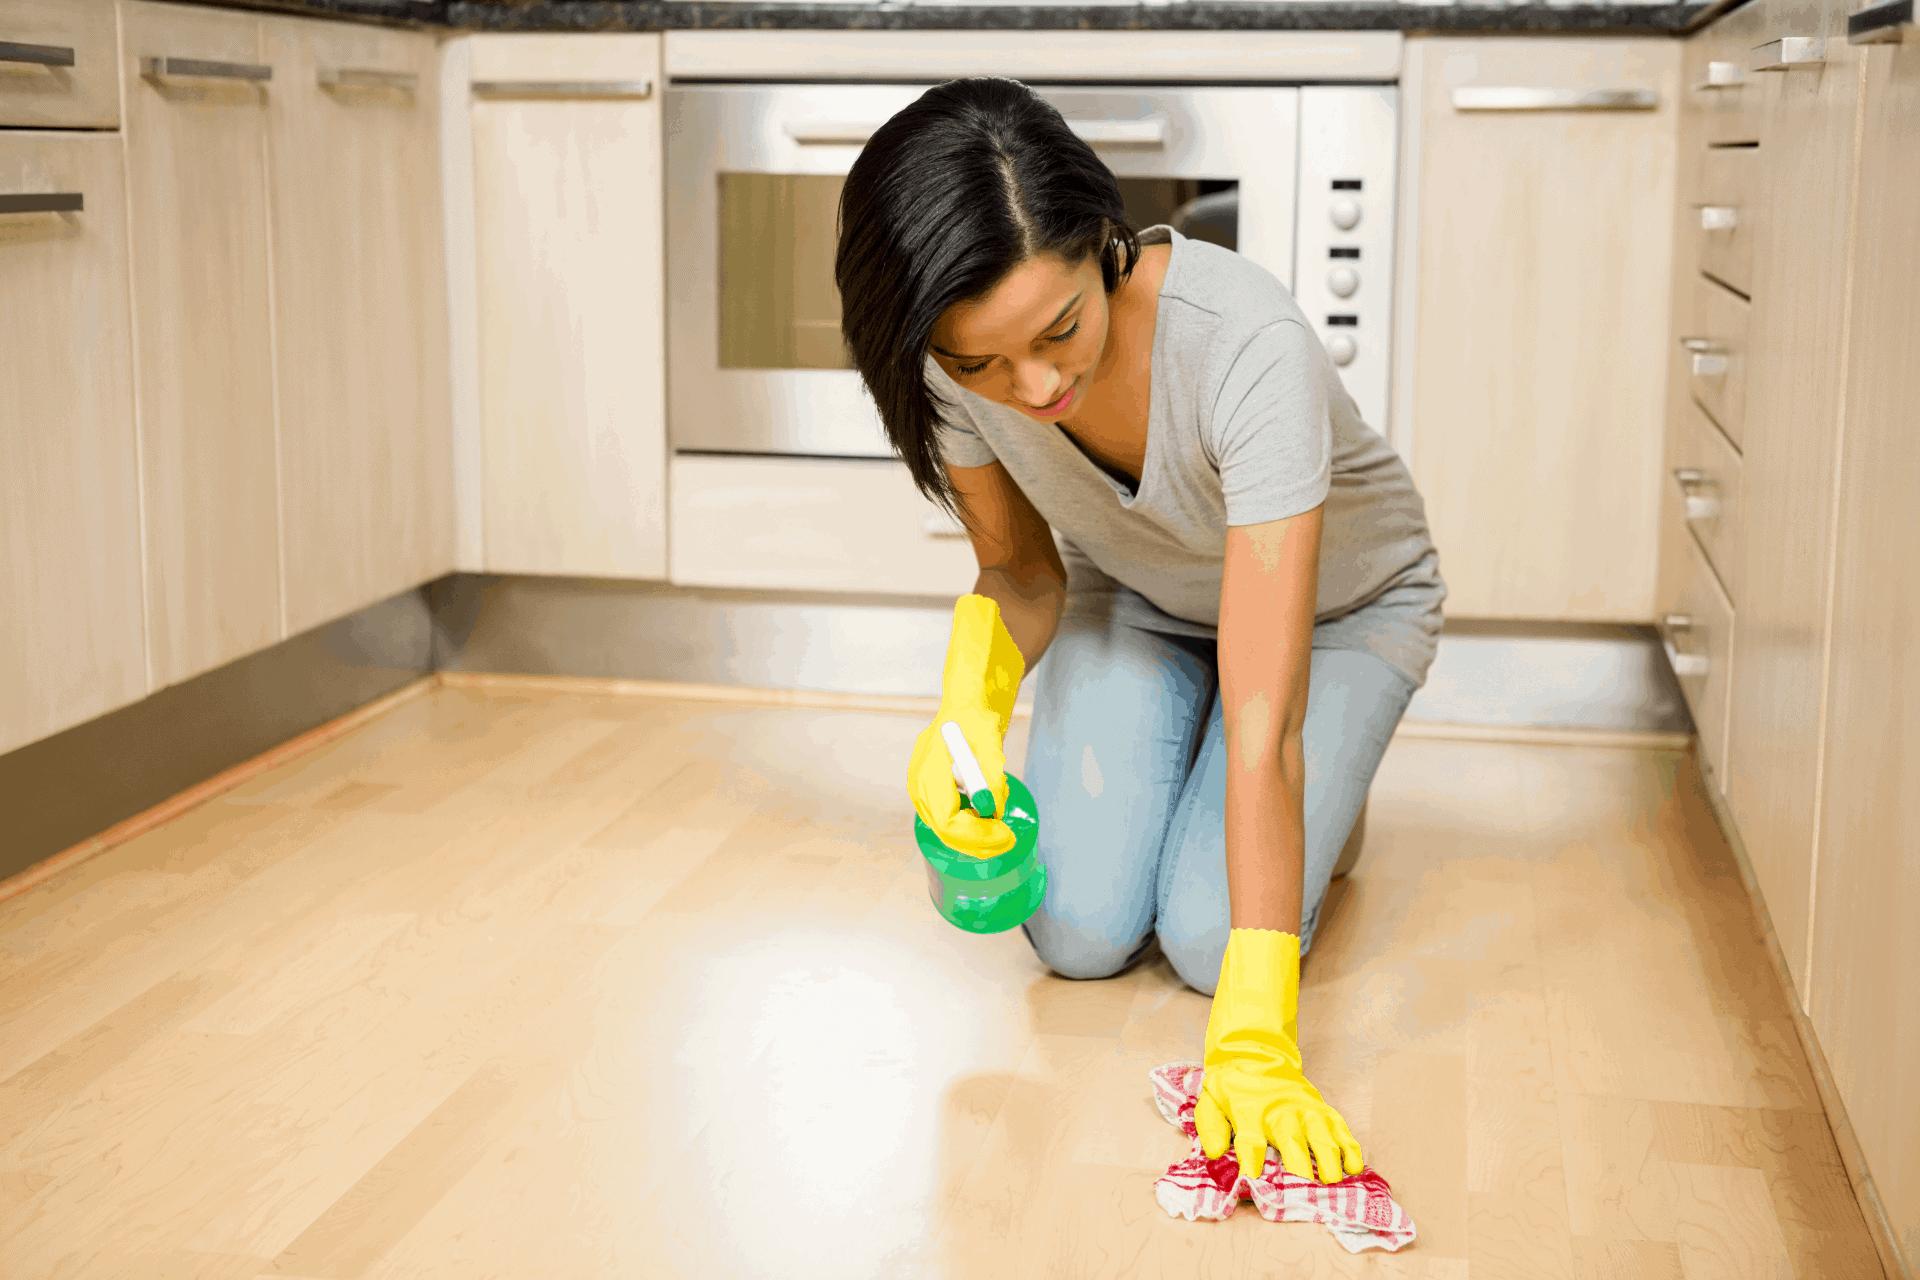 scrubbbing floor